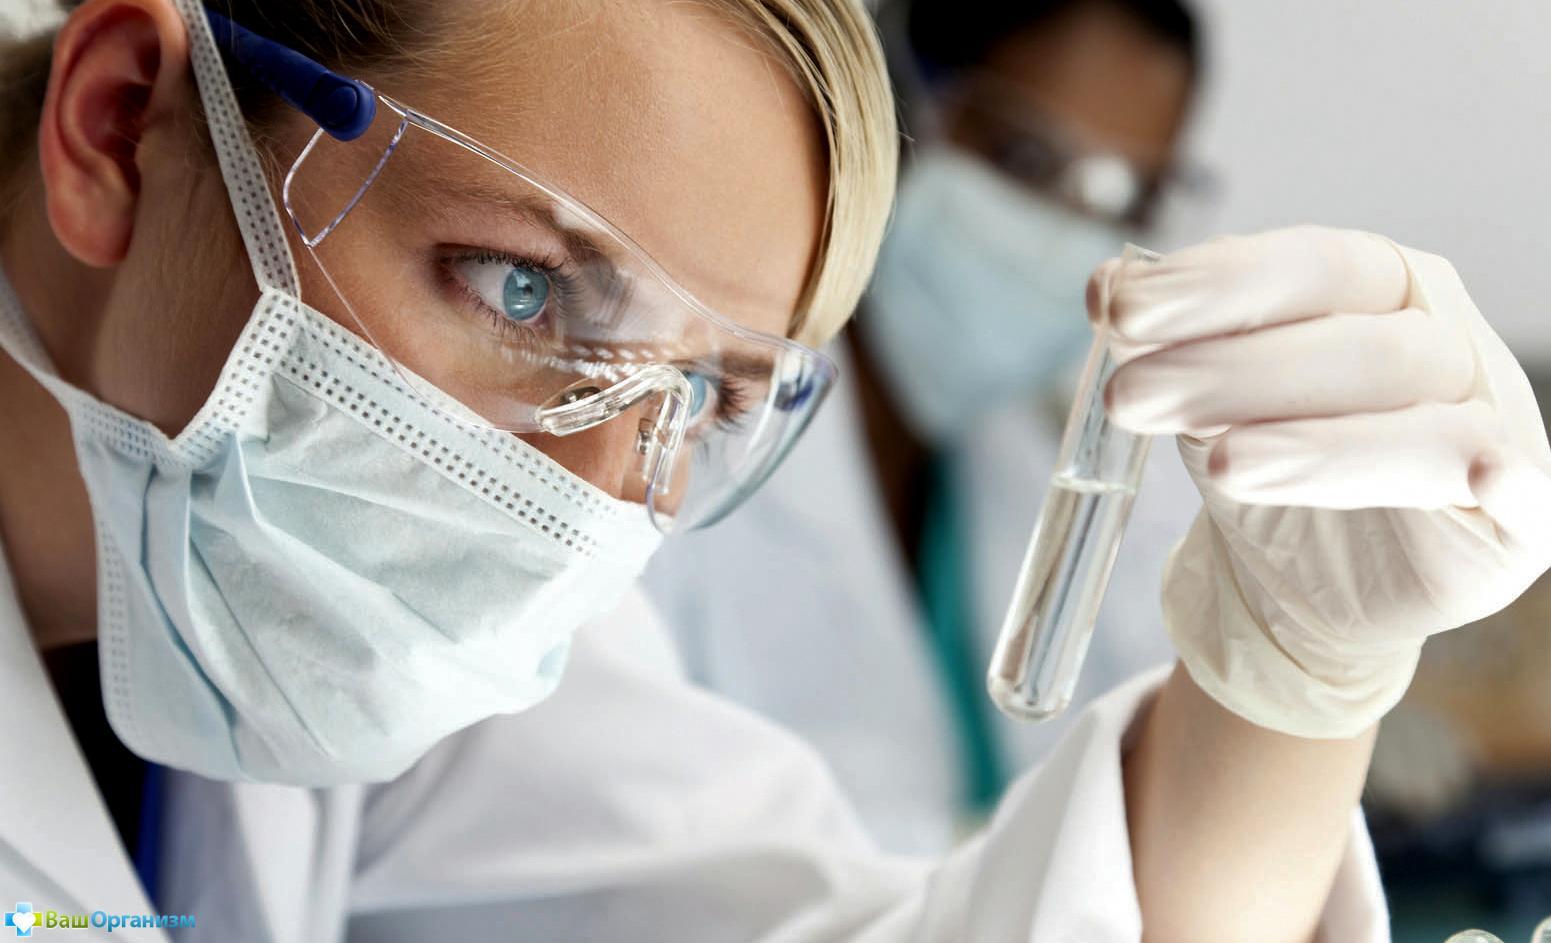 Амилаза панкреатическая: причины повышения фермента и возможные последствия